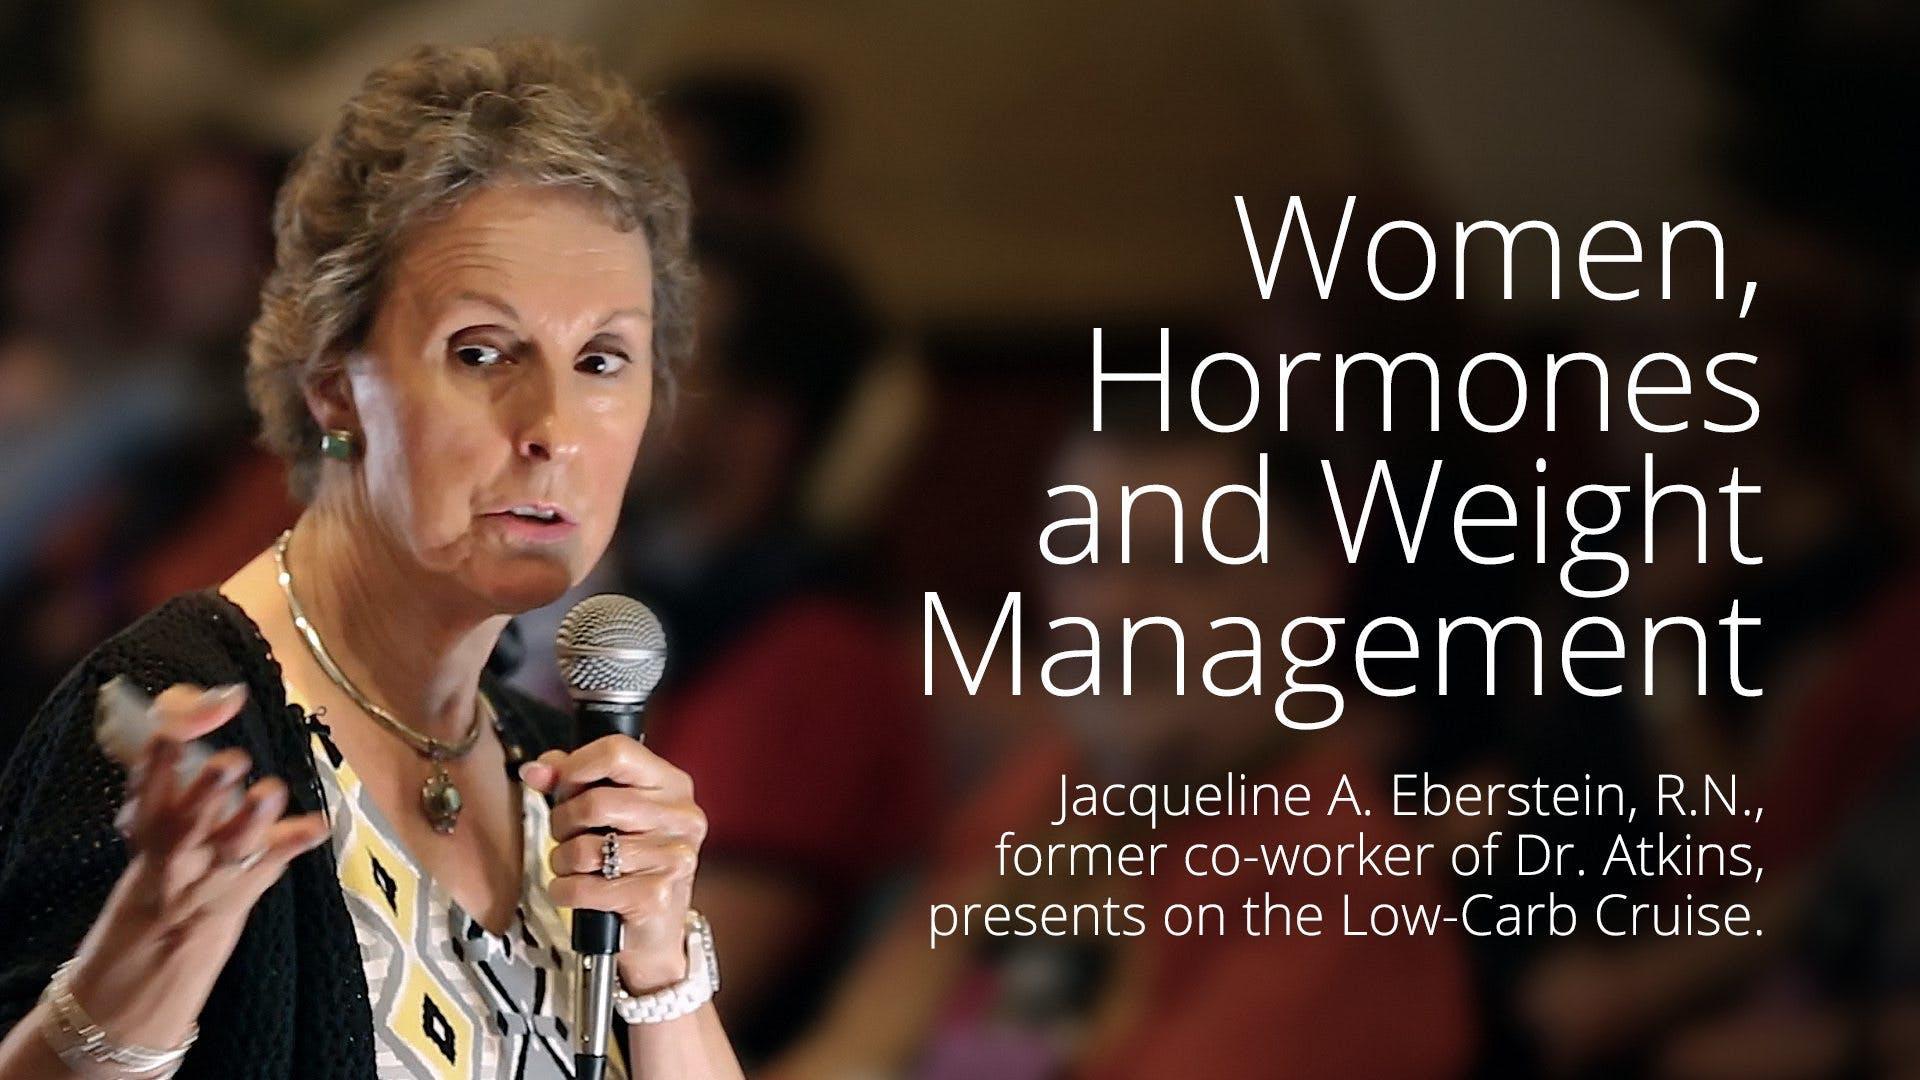 Women, hormones and weight management